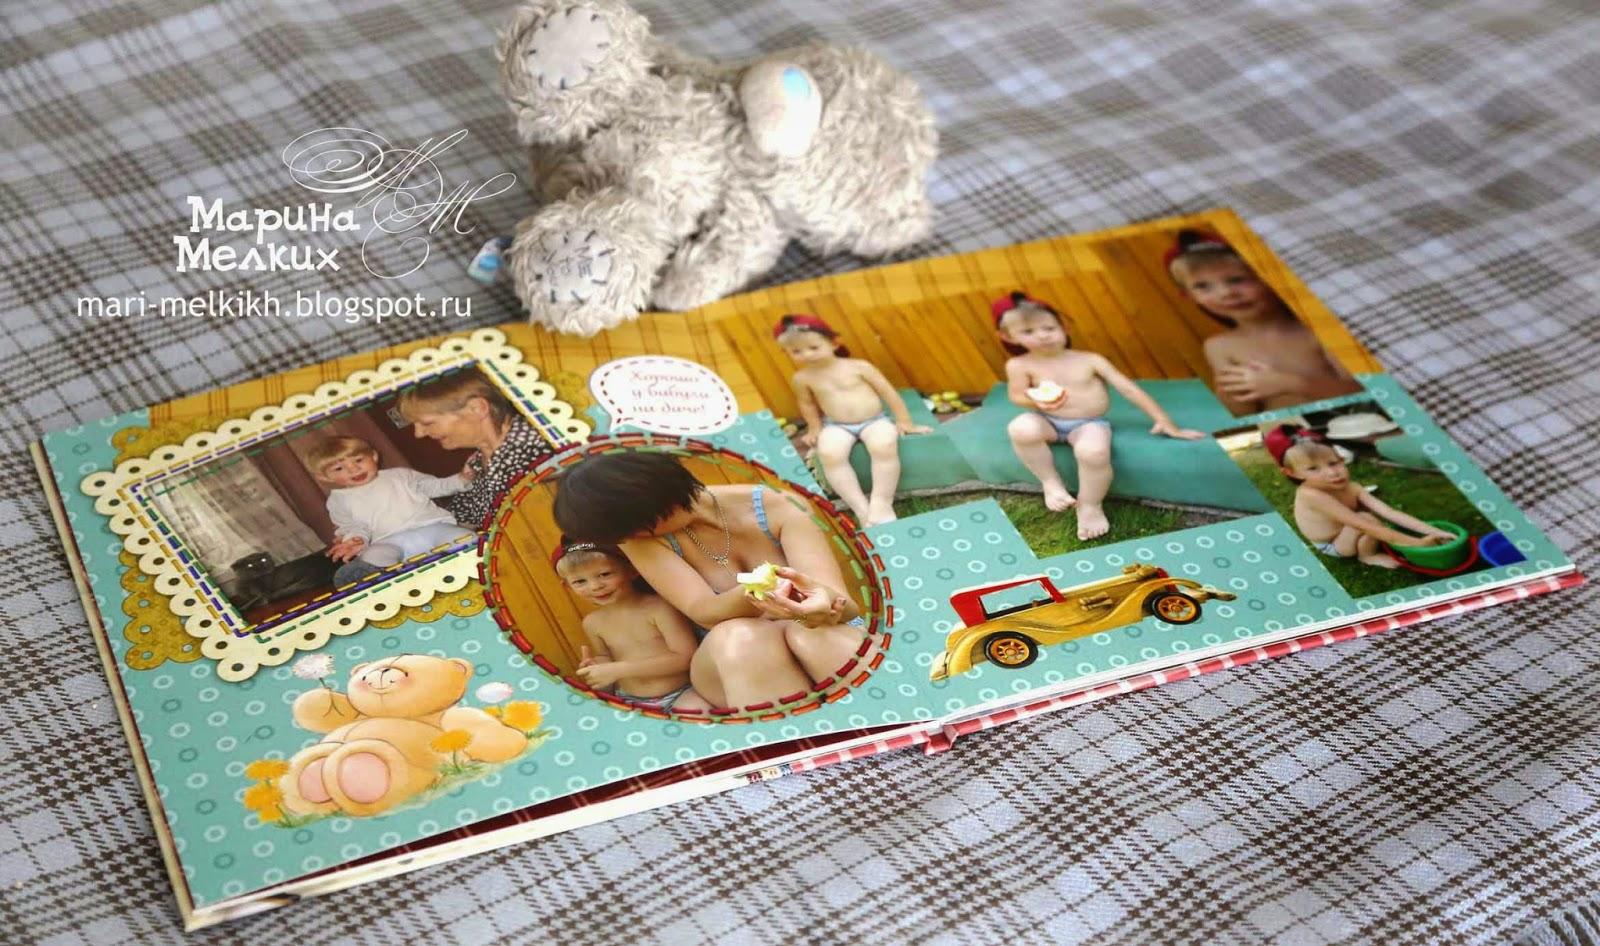 Альбомы для детей до года фото